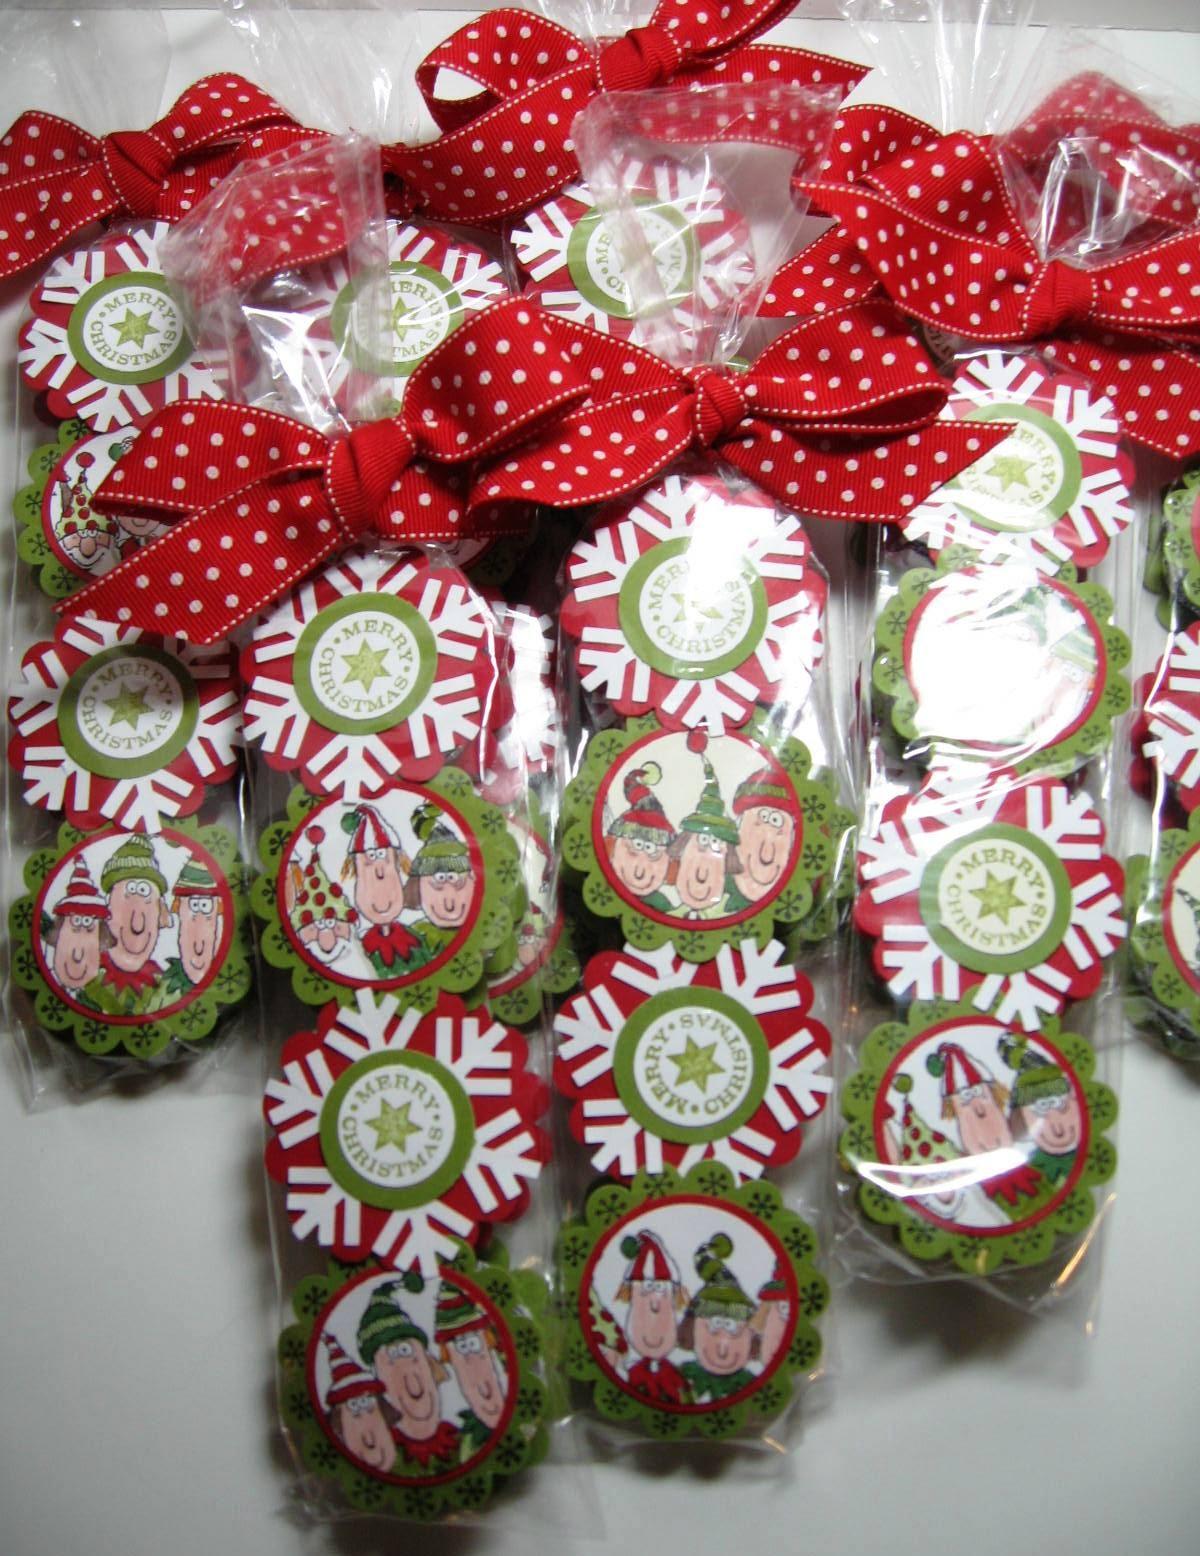 Christmas Crafts To Sell At Bazaar : Inking idaho more holiday bazaar goodies